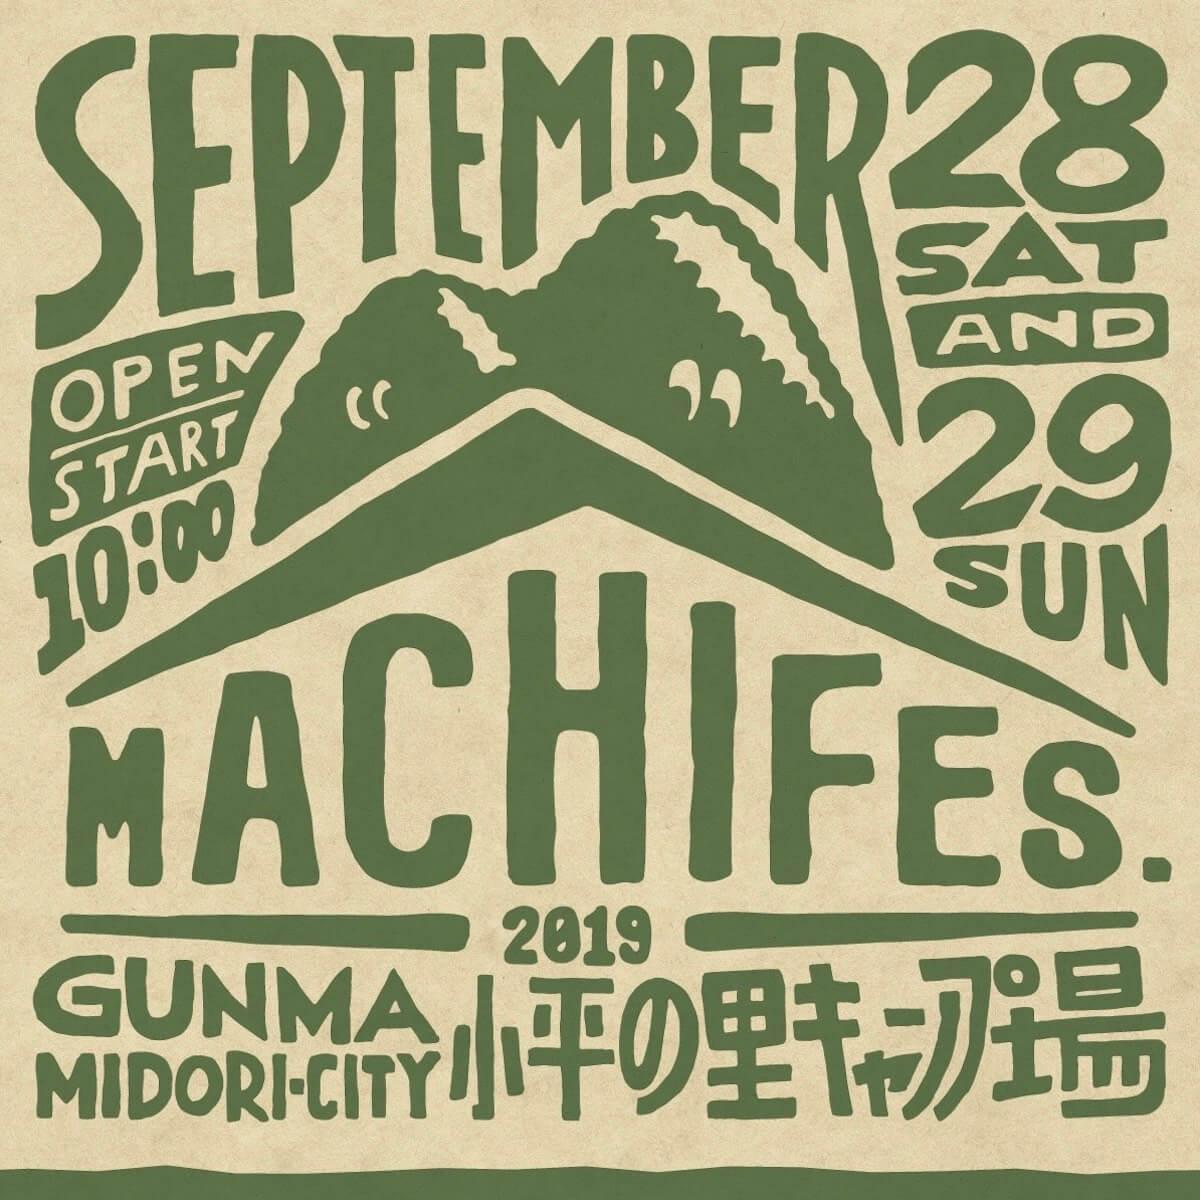 9月28日、29日、群馬野外フェス<MACHIFES.2019>が開催|第2弾ラインナップに踊ってばかりの国、ベランダら9組が発表 music190516machifes2019_info